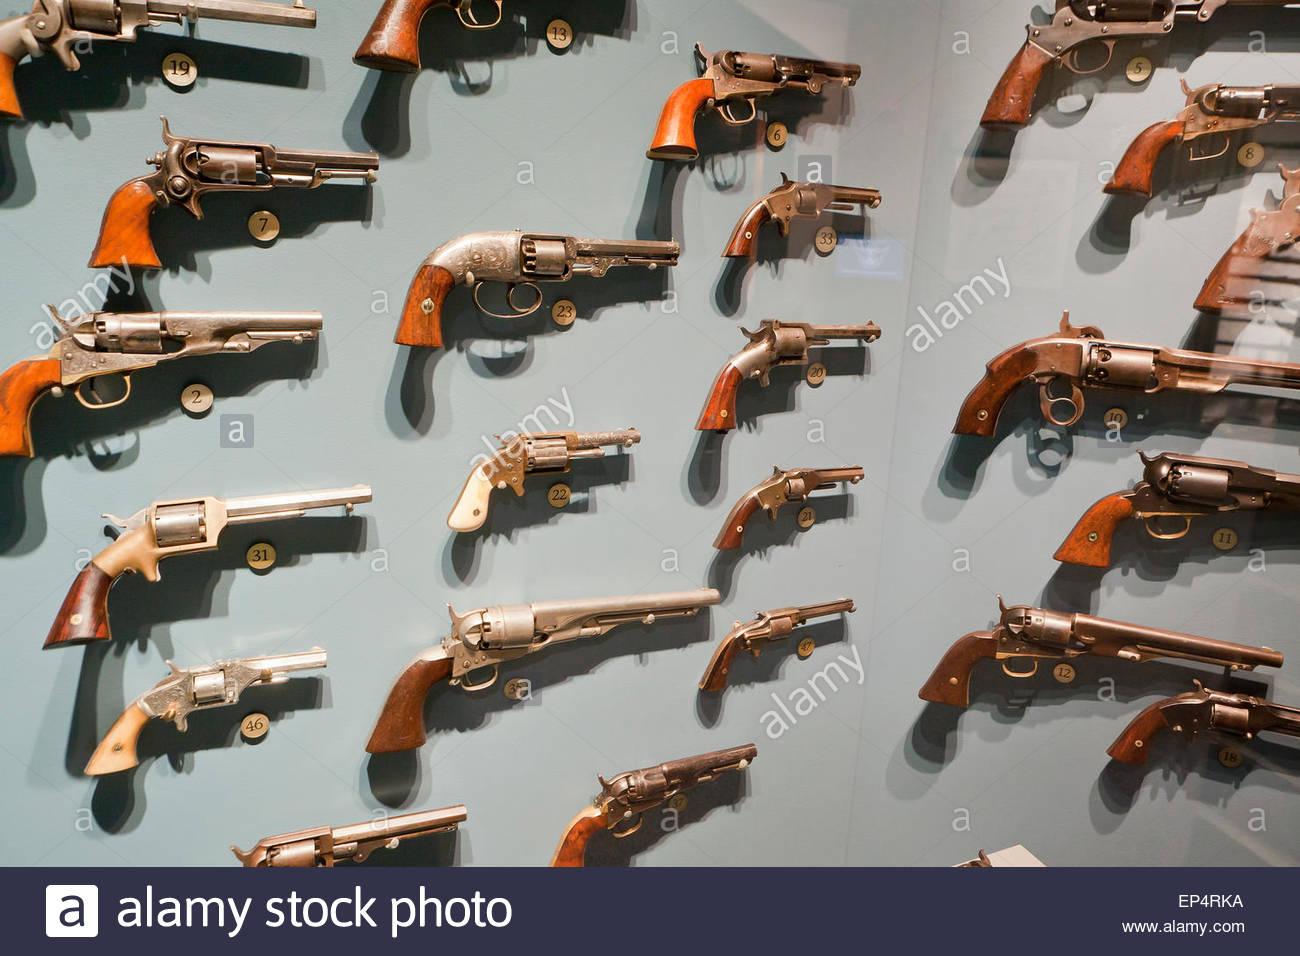 Handgun Museum Stock Photos  Handgun Museum Stock Images Alamy - Gun museums in usa